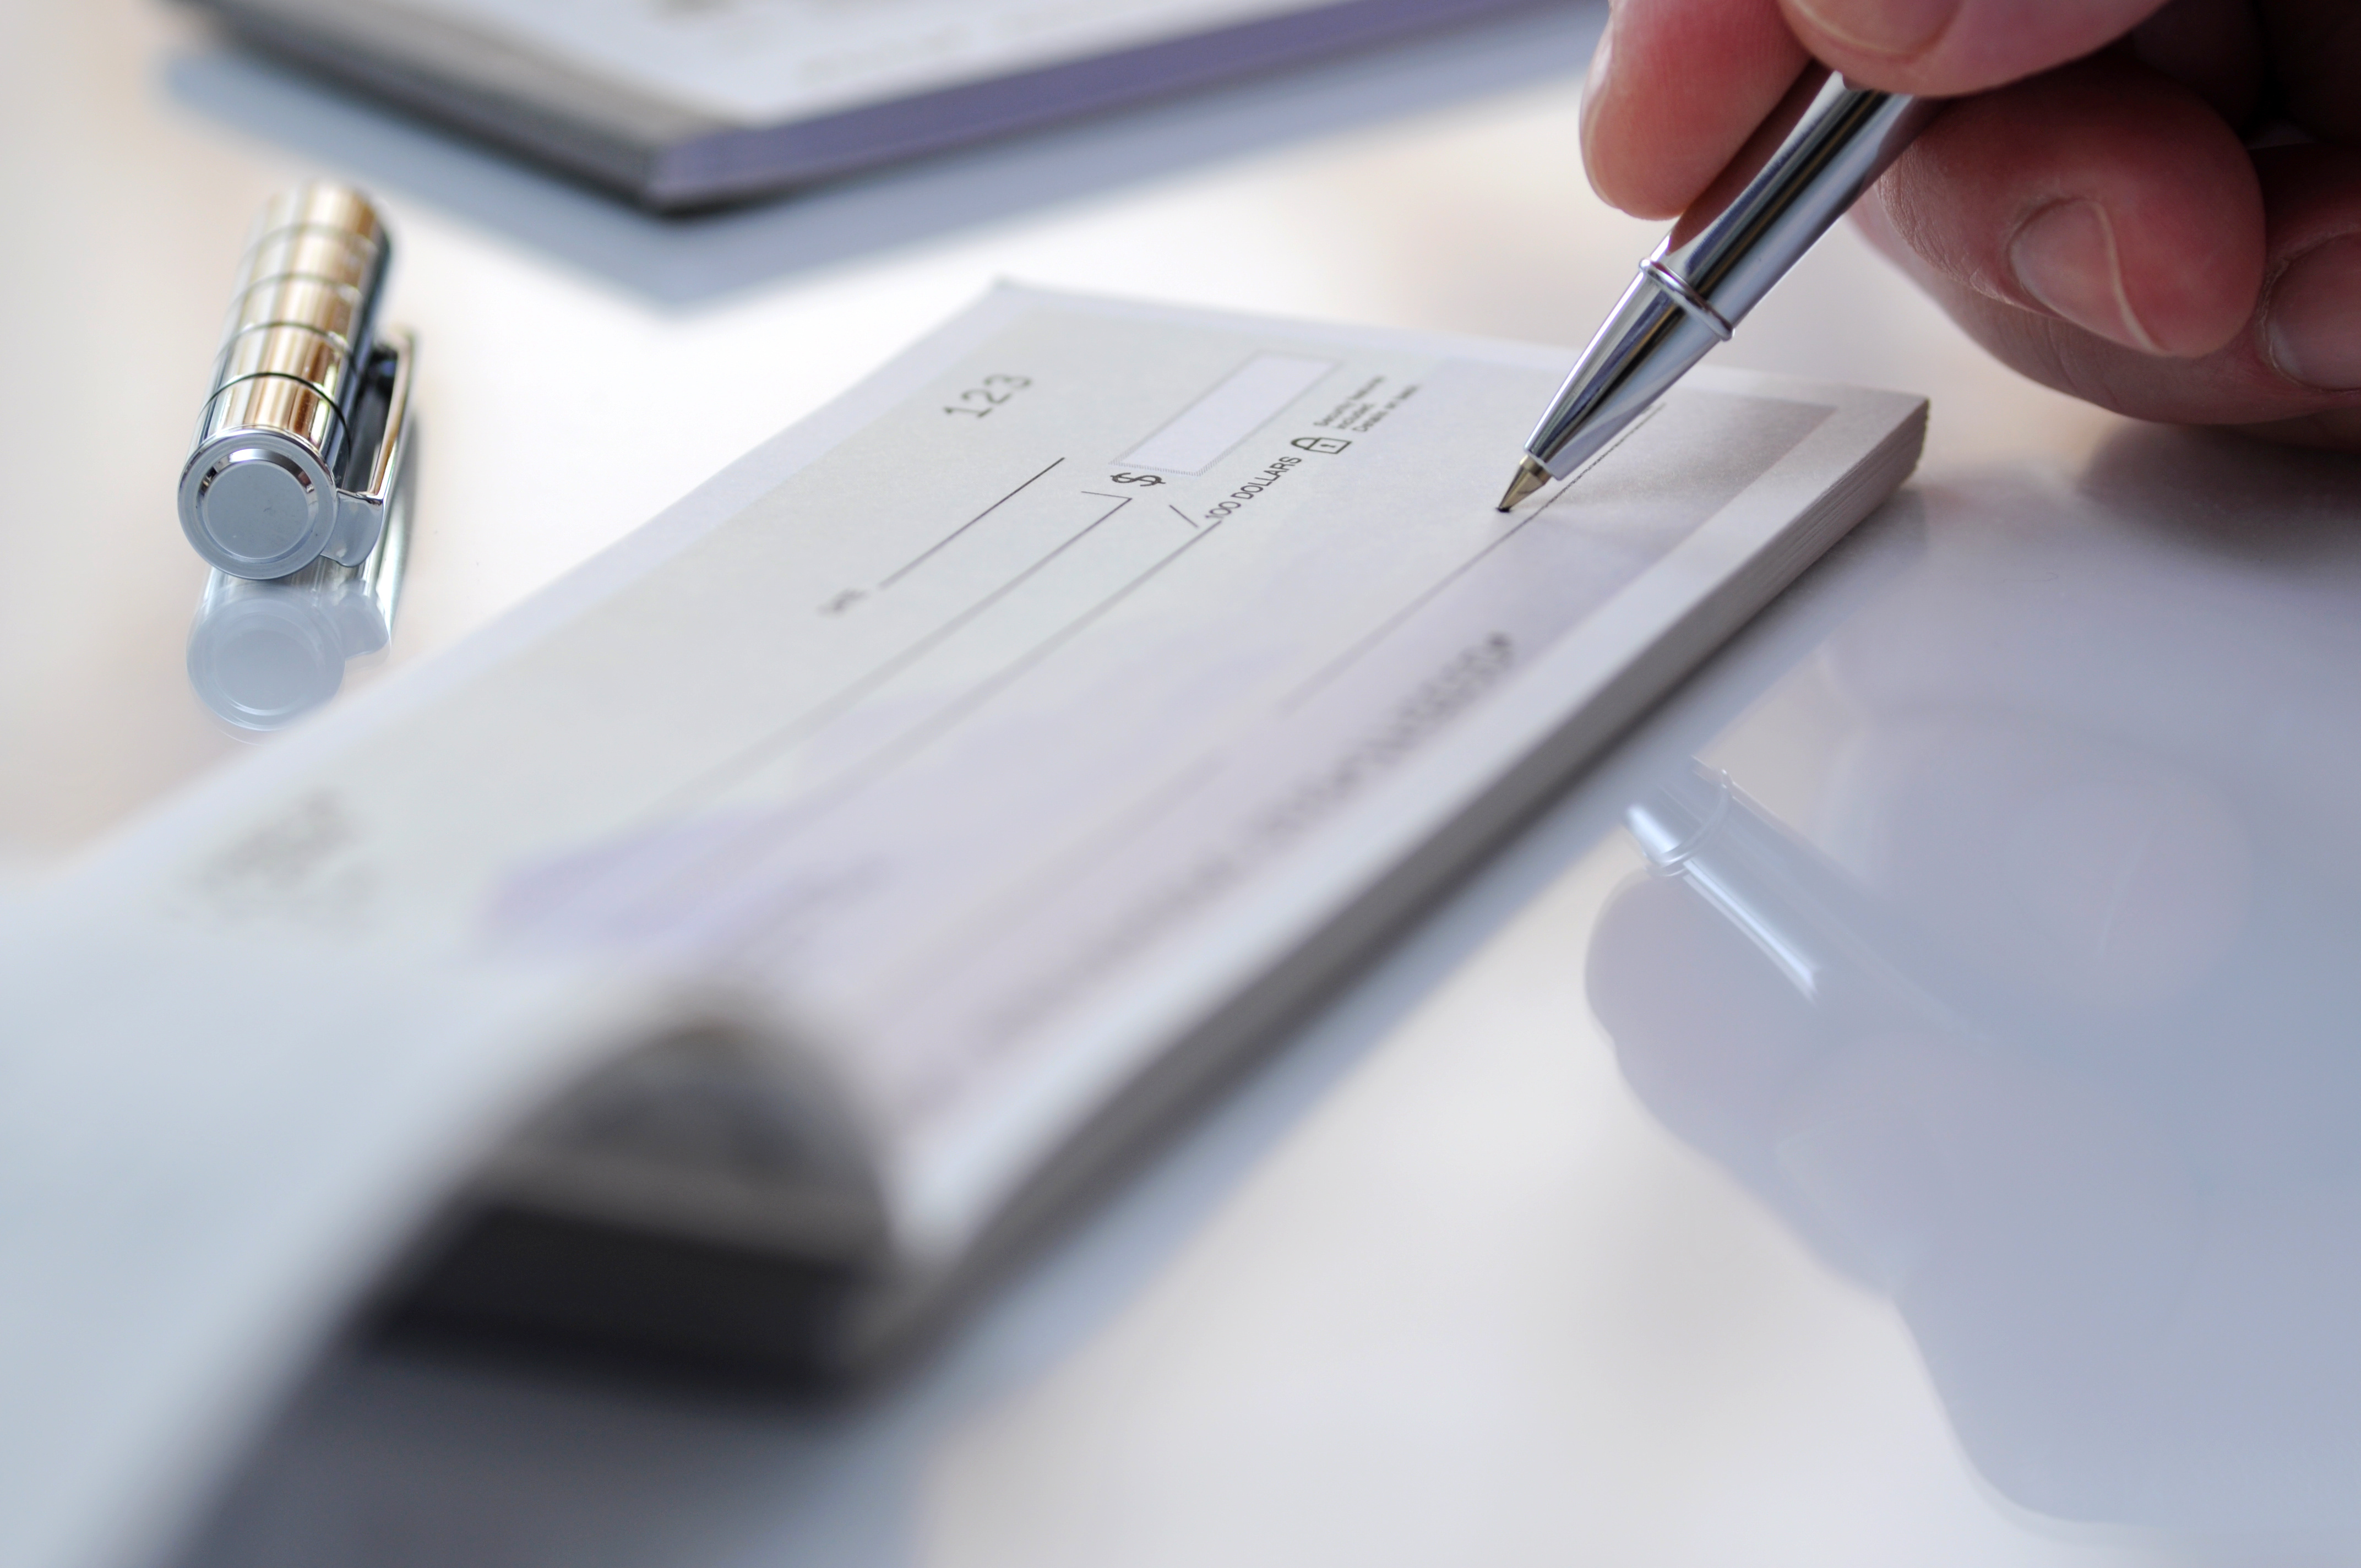 Le chèque, un outil de paiement réglementé